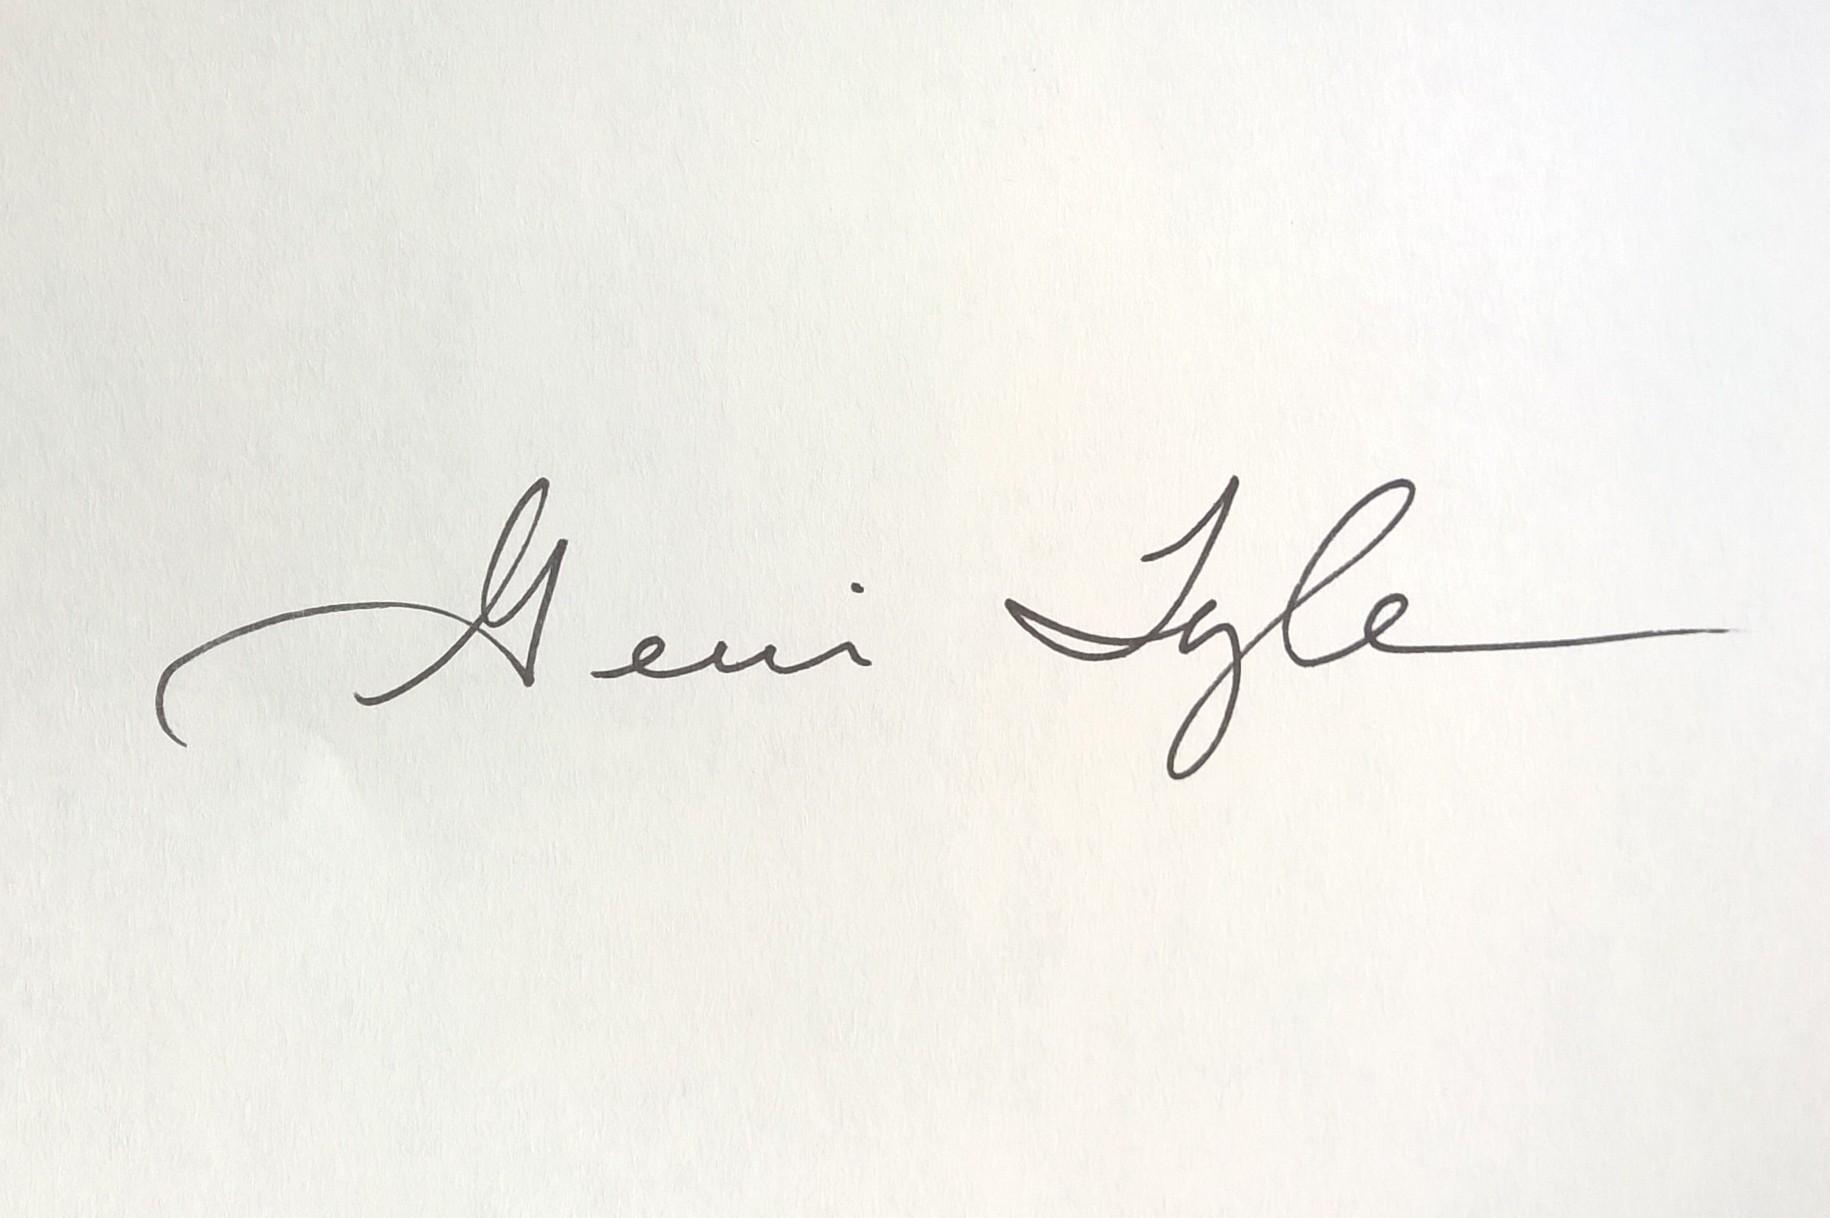 Gerri Tyler Signature